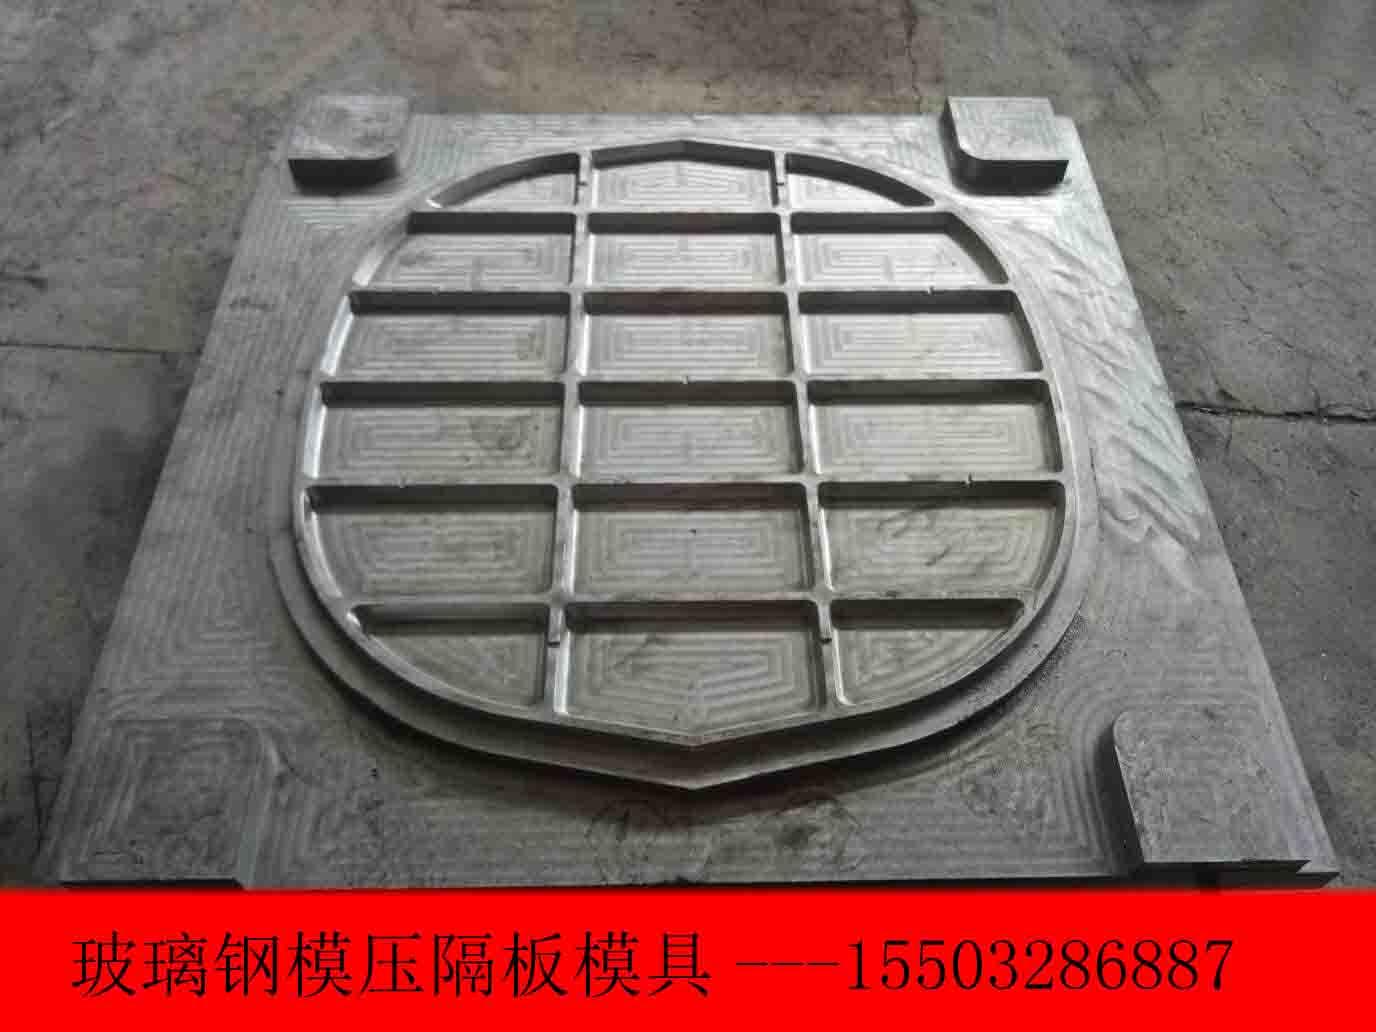 玻璃钢模压化粪池隔板,玻璃钢模压隔板模具,玻璃钢模压化粪池隔板模具价格